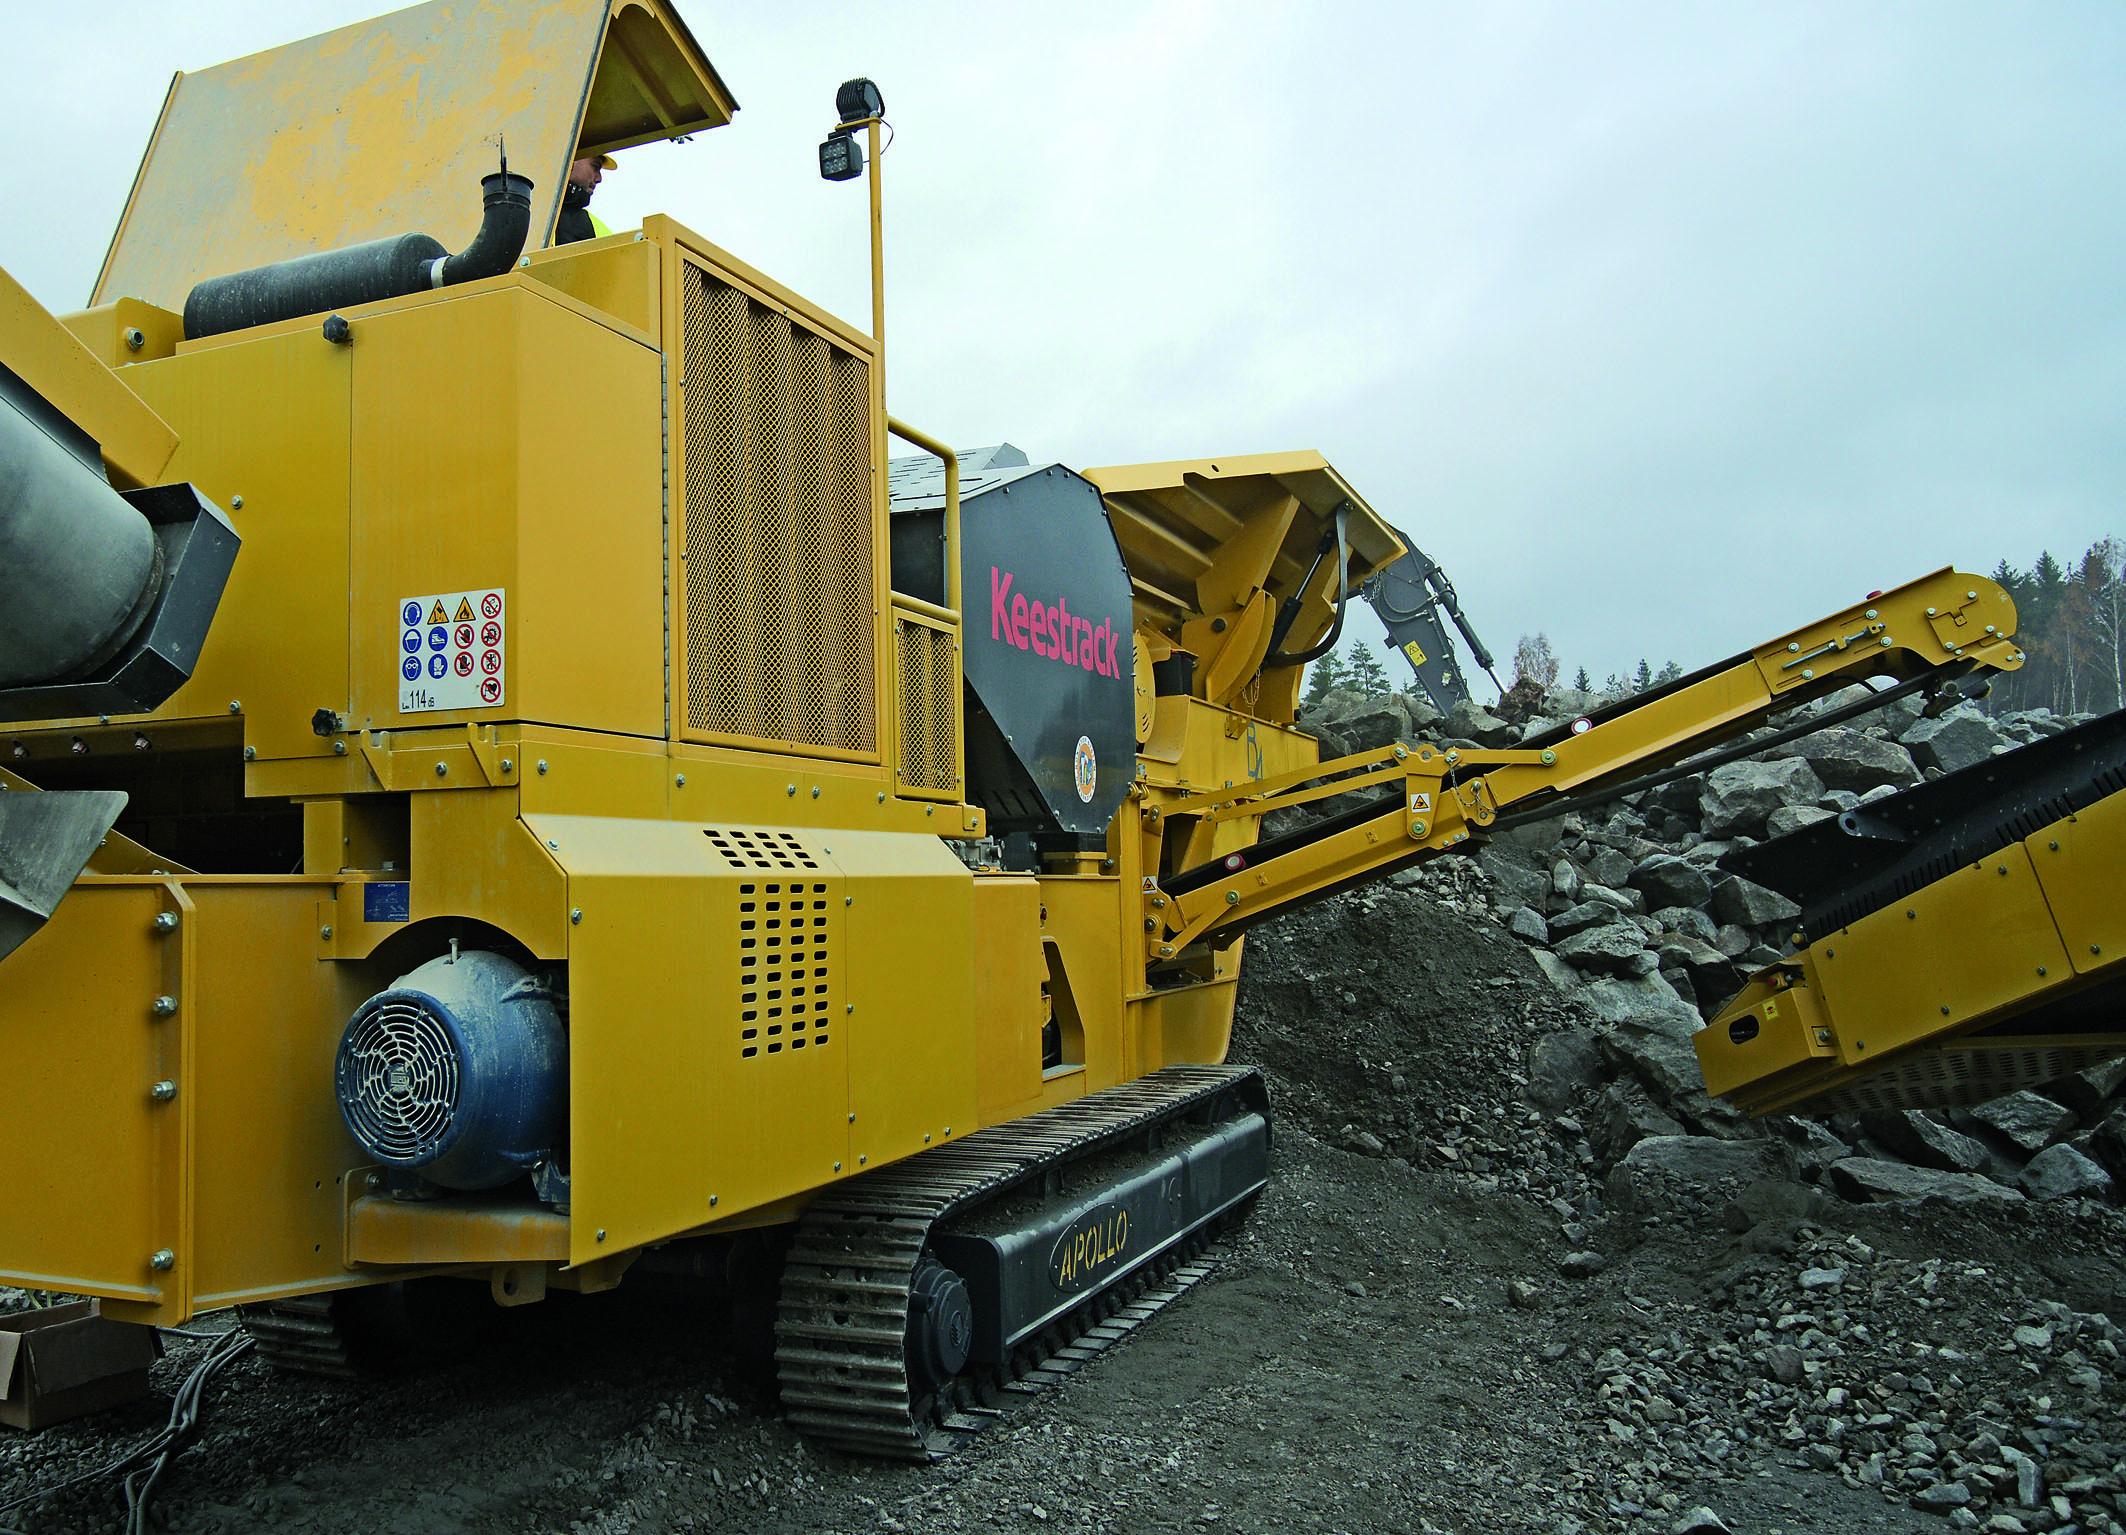 Der Keestrack B4e besitzt eine zusätzliche E-Motor/Hydraulikeinheit zur Versorgung der installierten Hydraulik-Antriebe. Abbildungen: Keestrack